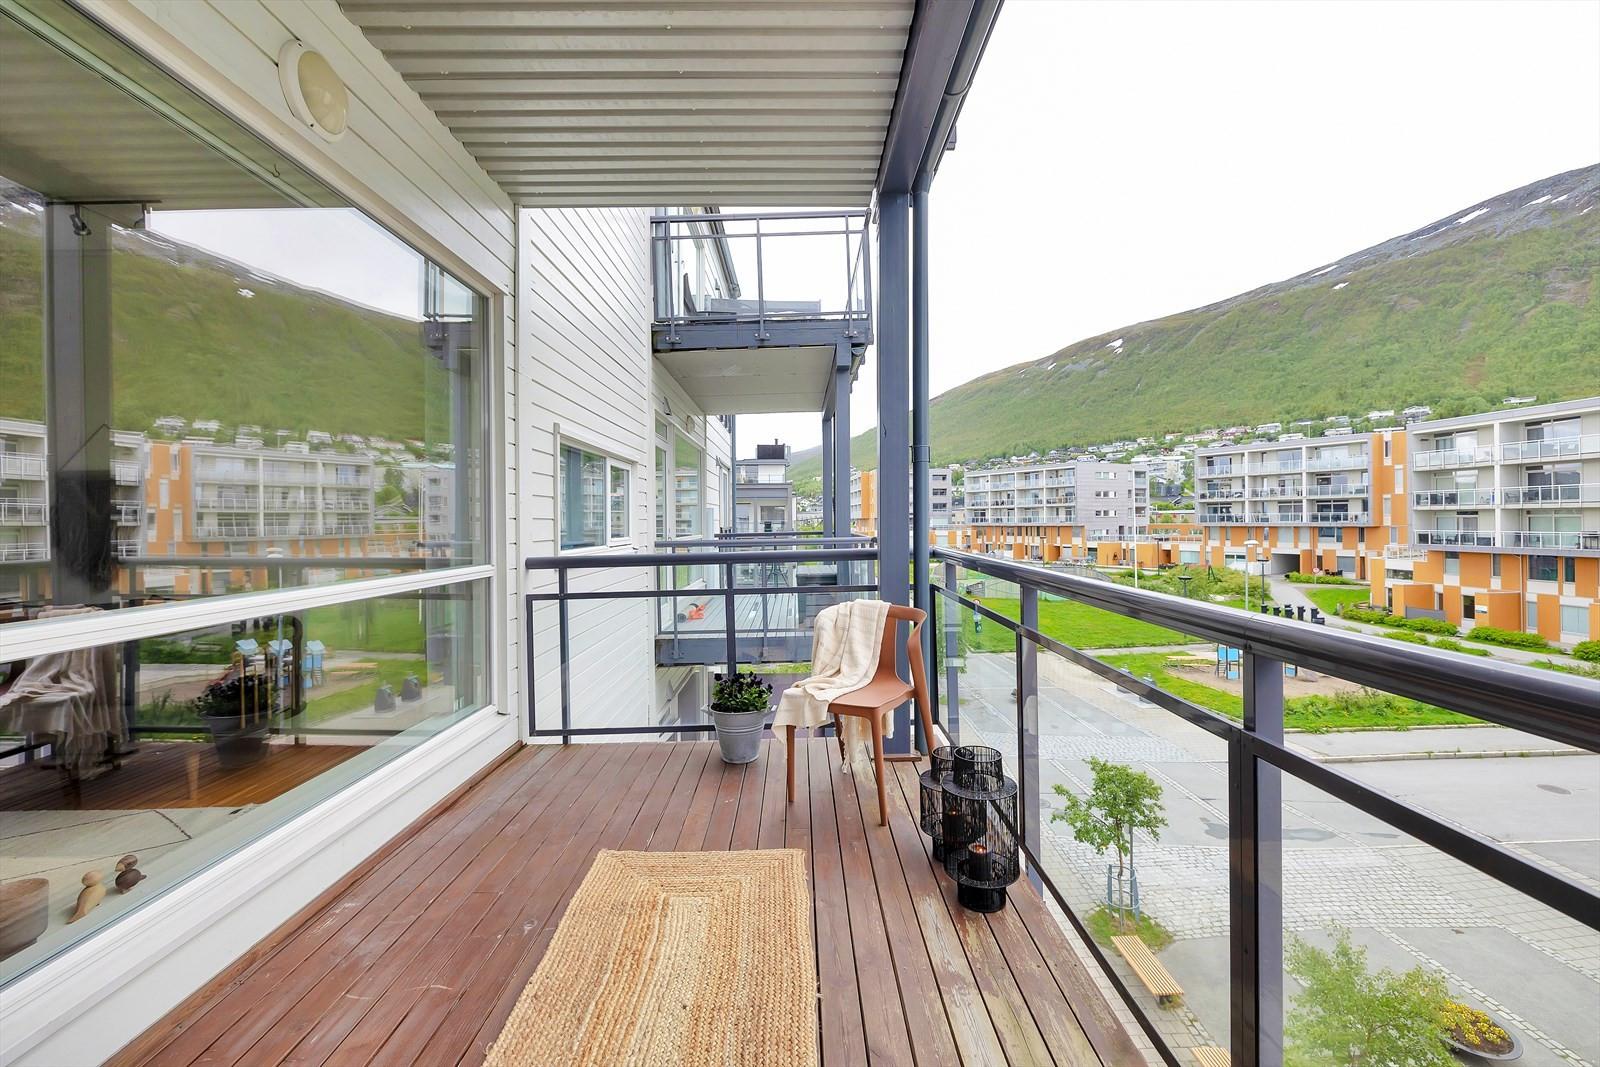 Fra stue er det en sørvest vendt balkong med veldig gode solforhold.